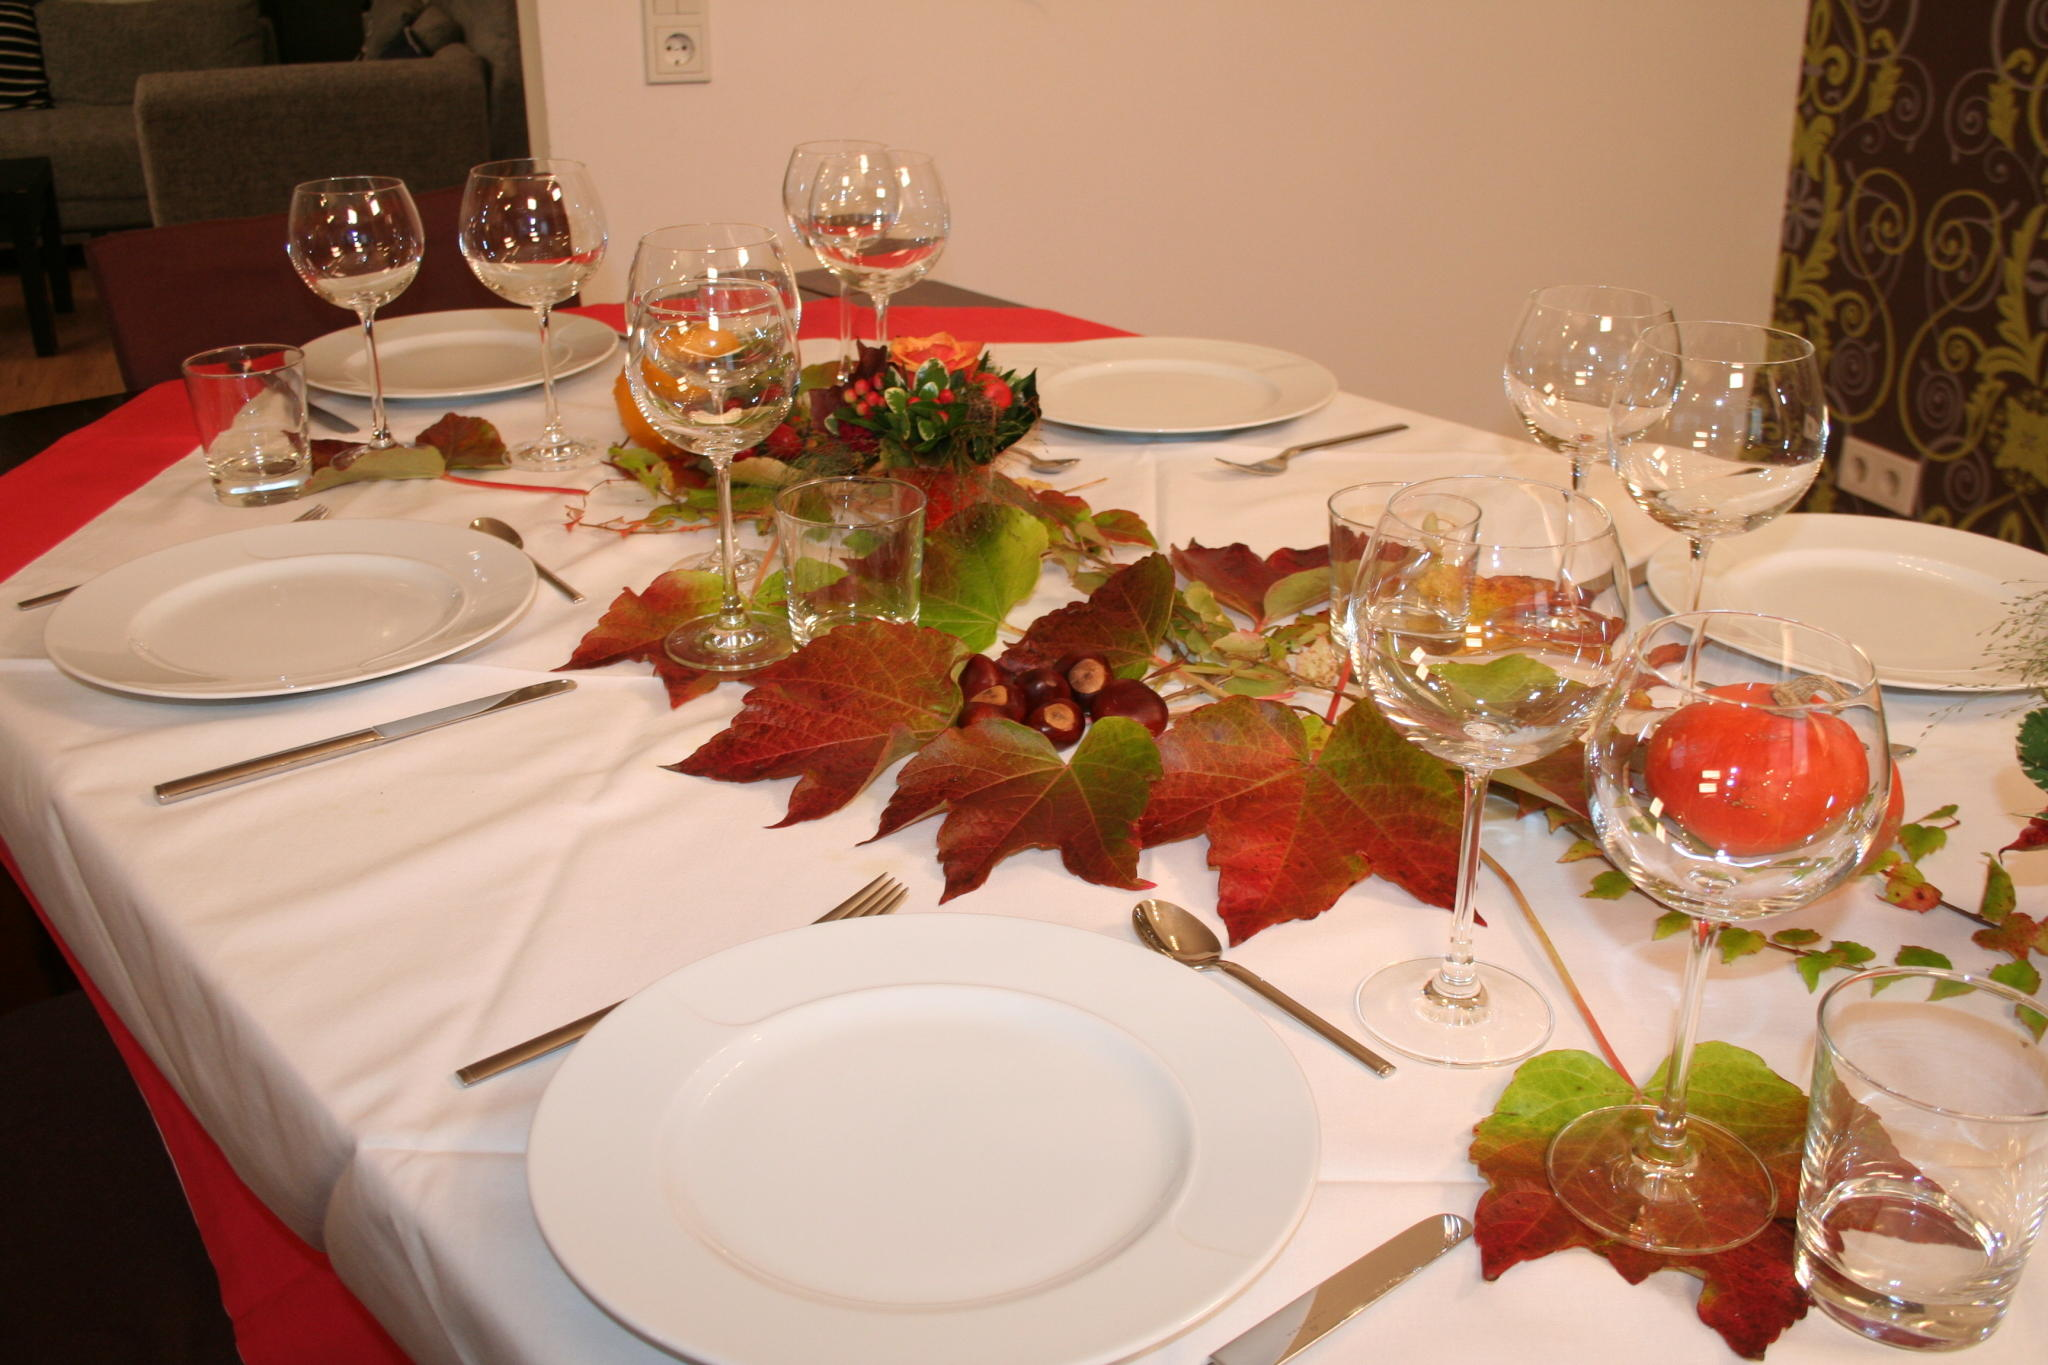 Tischdeko Herbst hübsche tischdeko ideen für den herbst